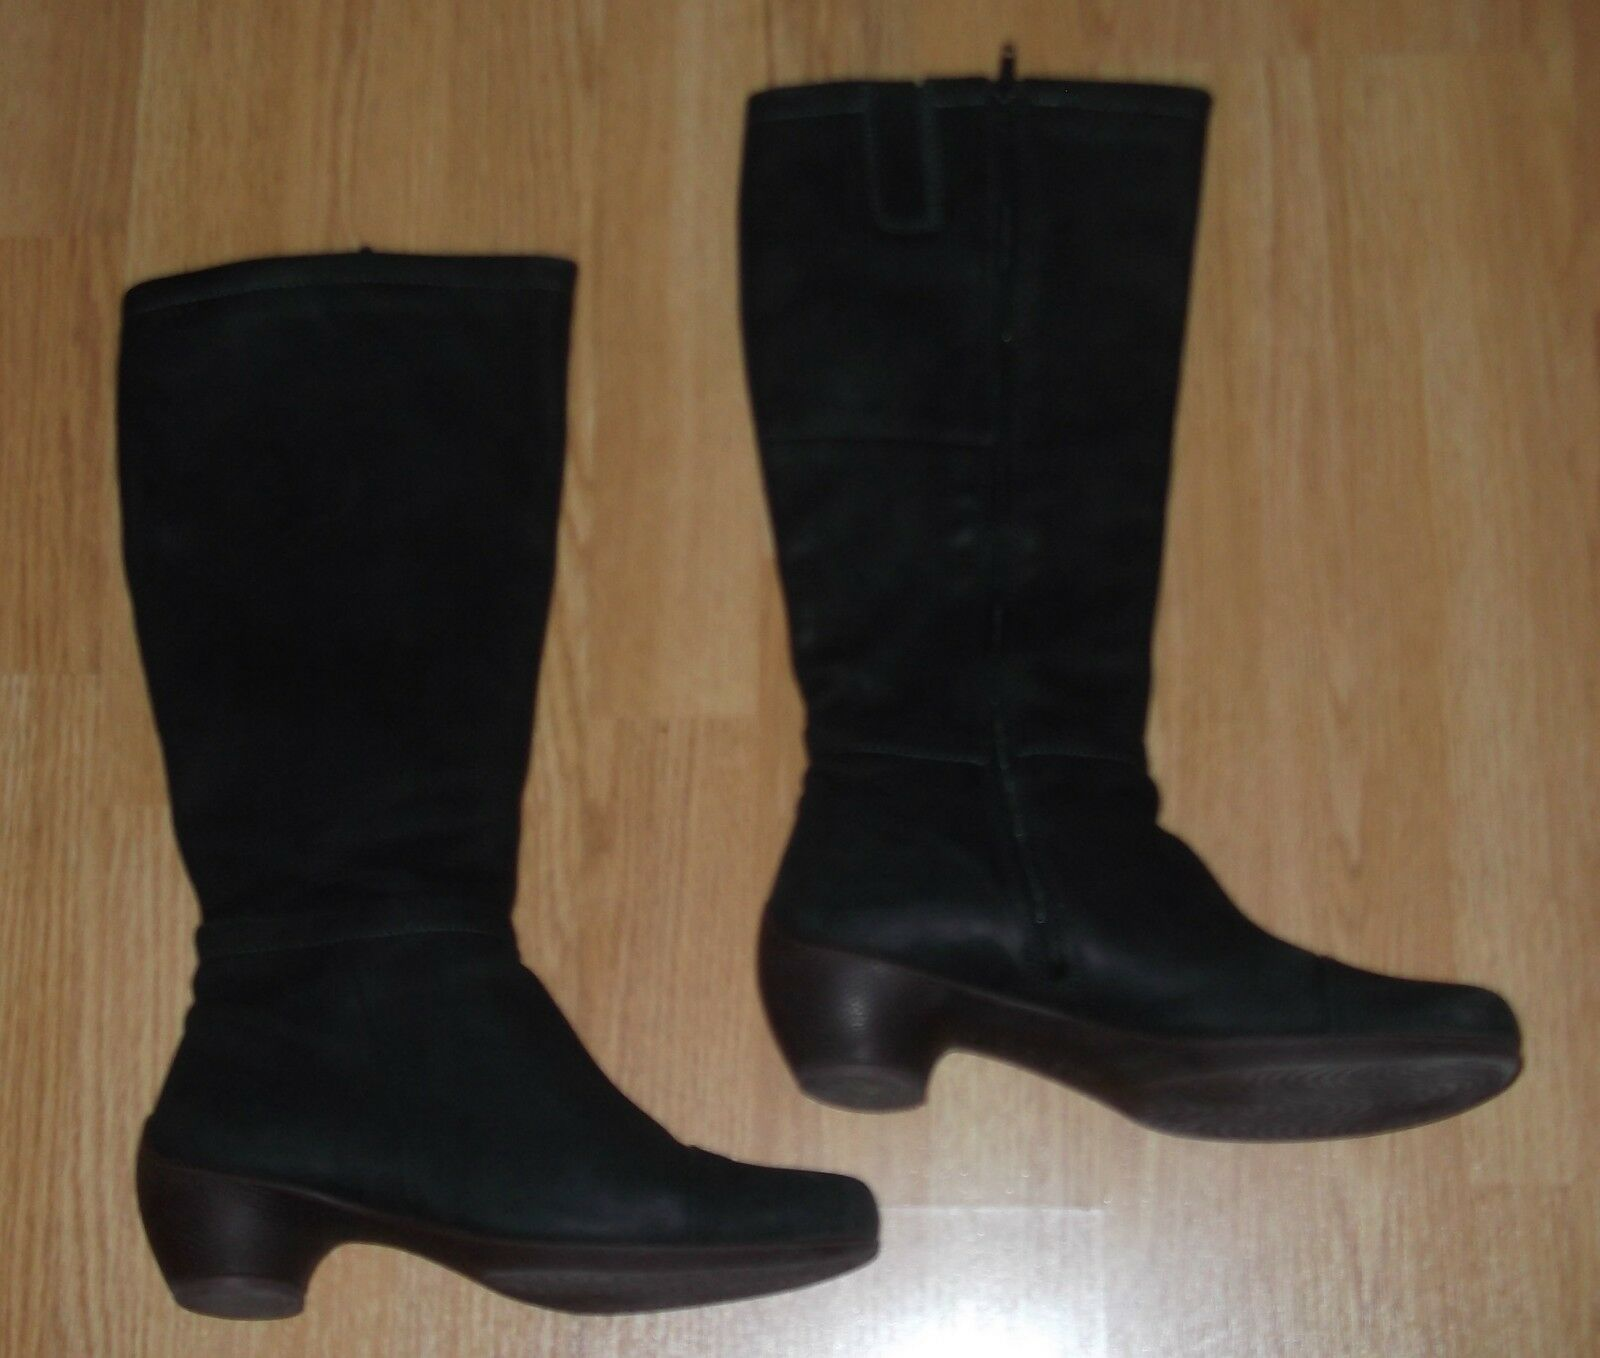 Ecco Damen Stiefel Gr. 39 aus Echtleder, schwarz